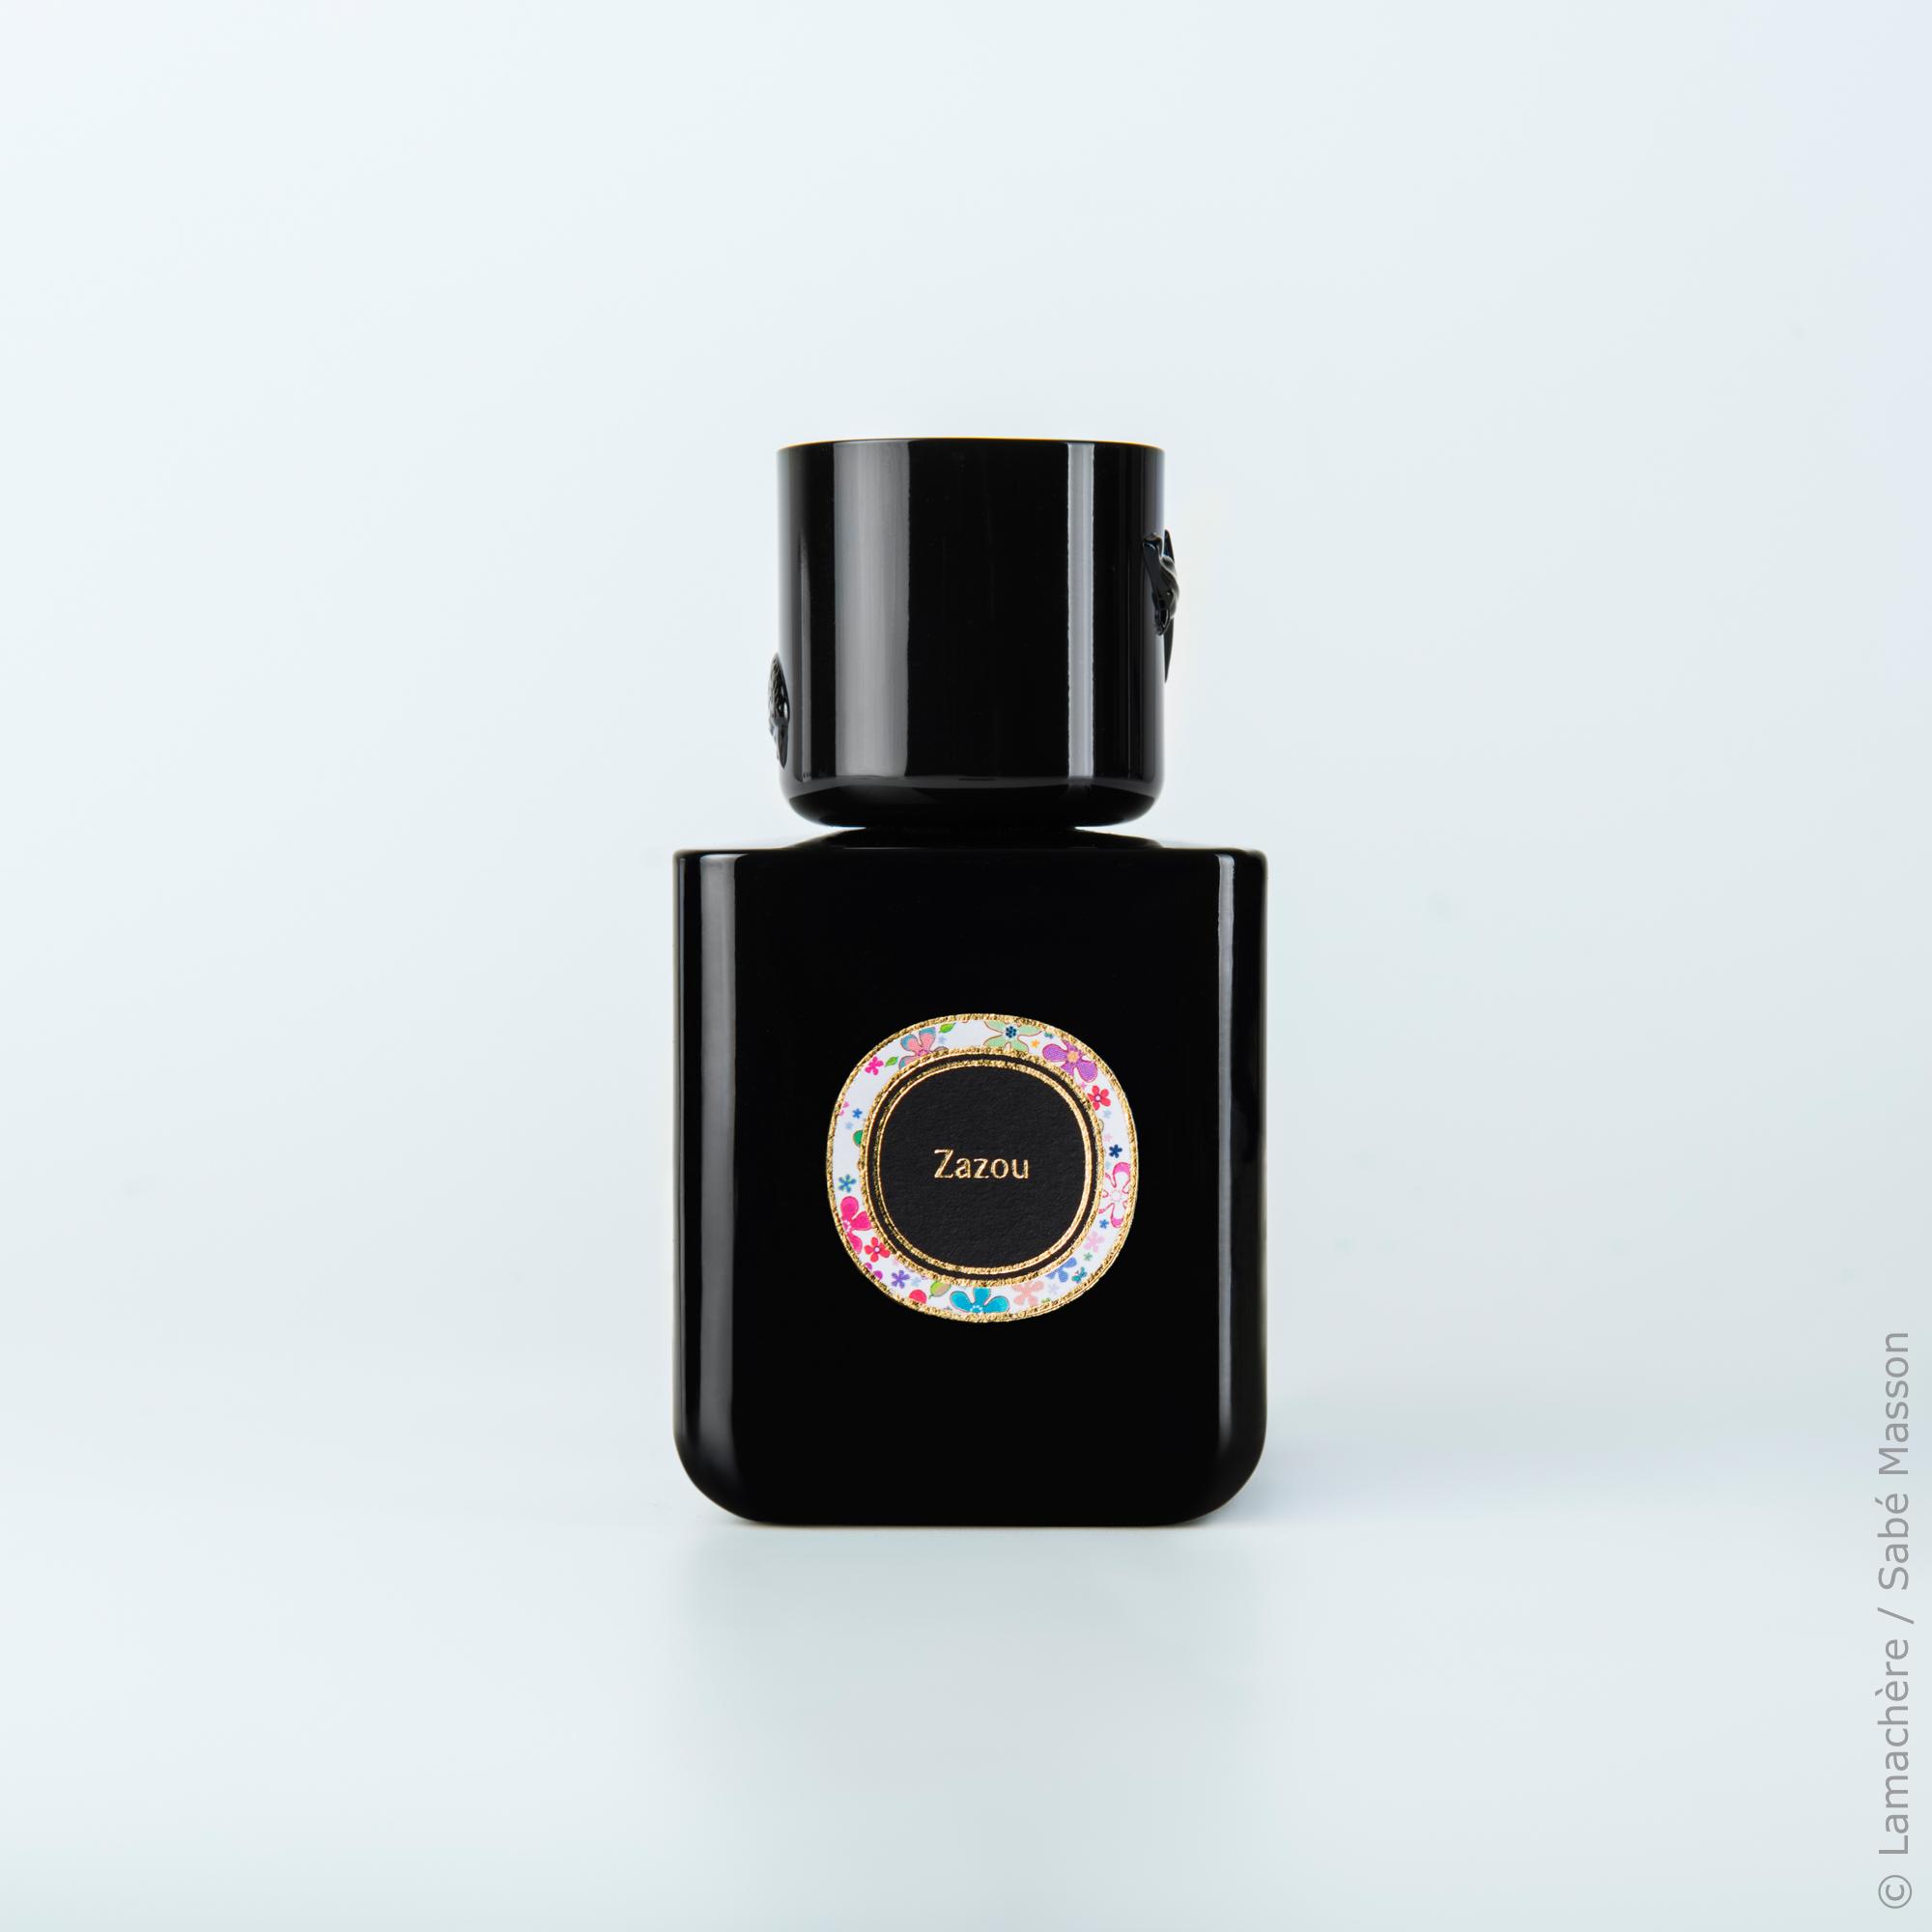 SABEMASSON-SOFTLIQUIDES-041-Zazou-2